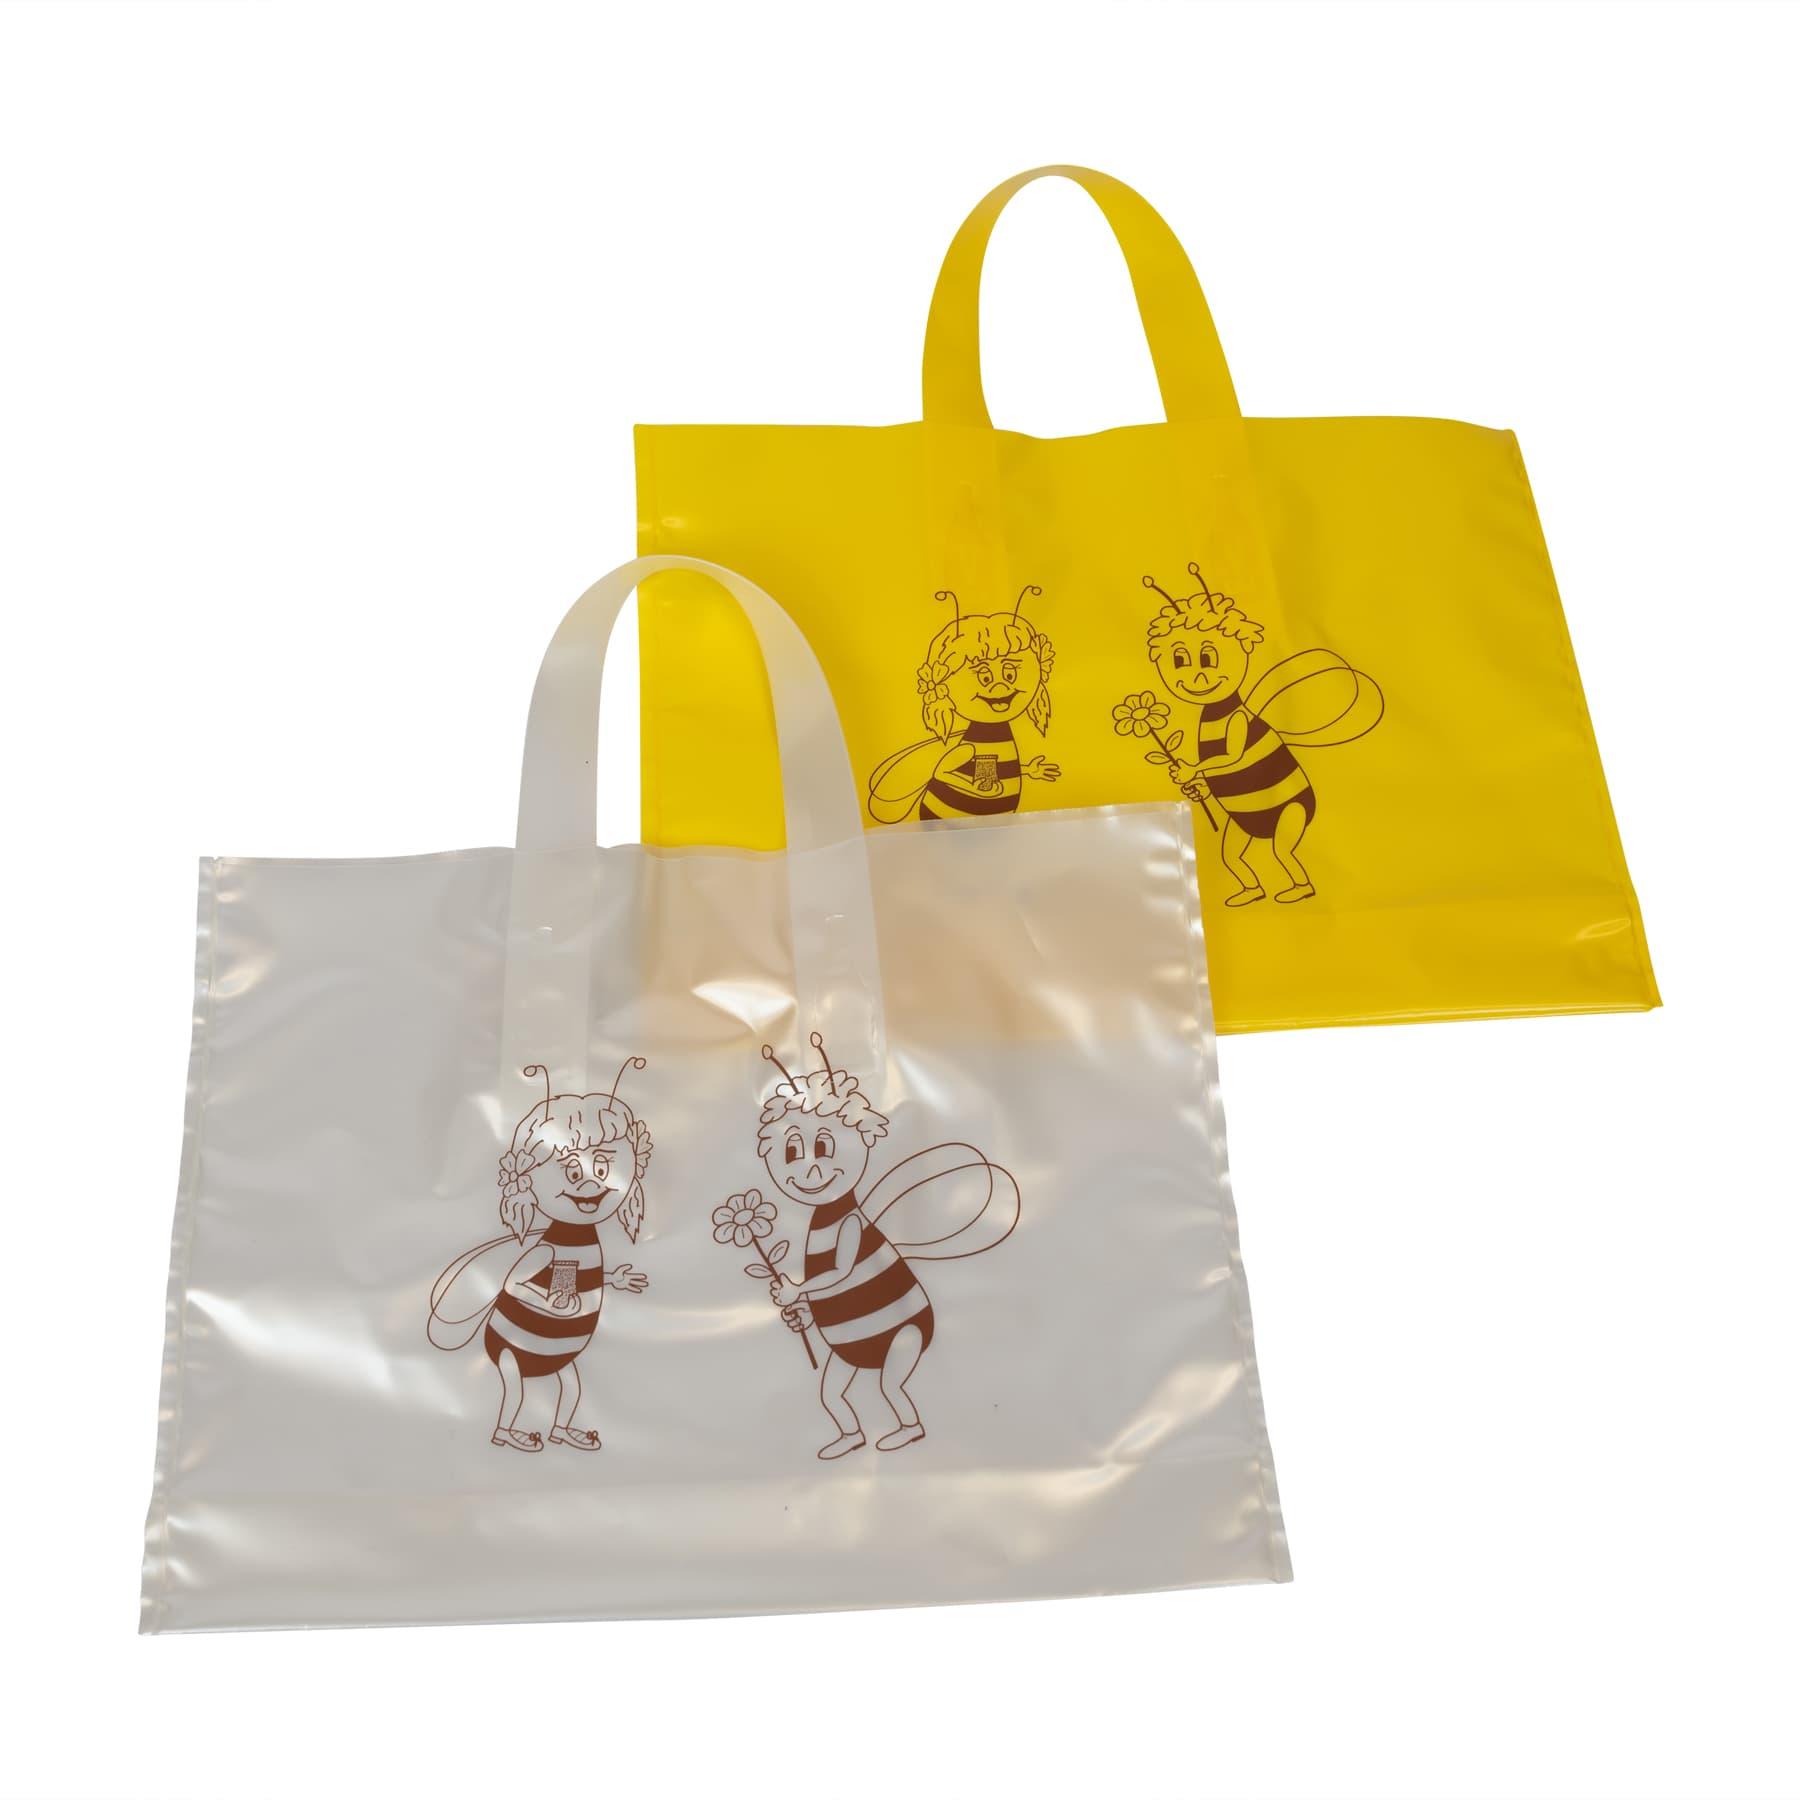 Geschenkbeutel 25 St. für 2 Glas Honig 500 g, dekorativer PE Beutel mit Biene (Mädchen und Junge) verziert, Varianten gelb, weiß